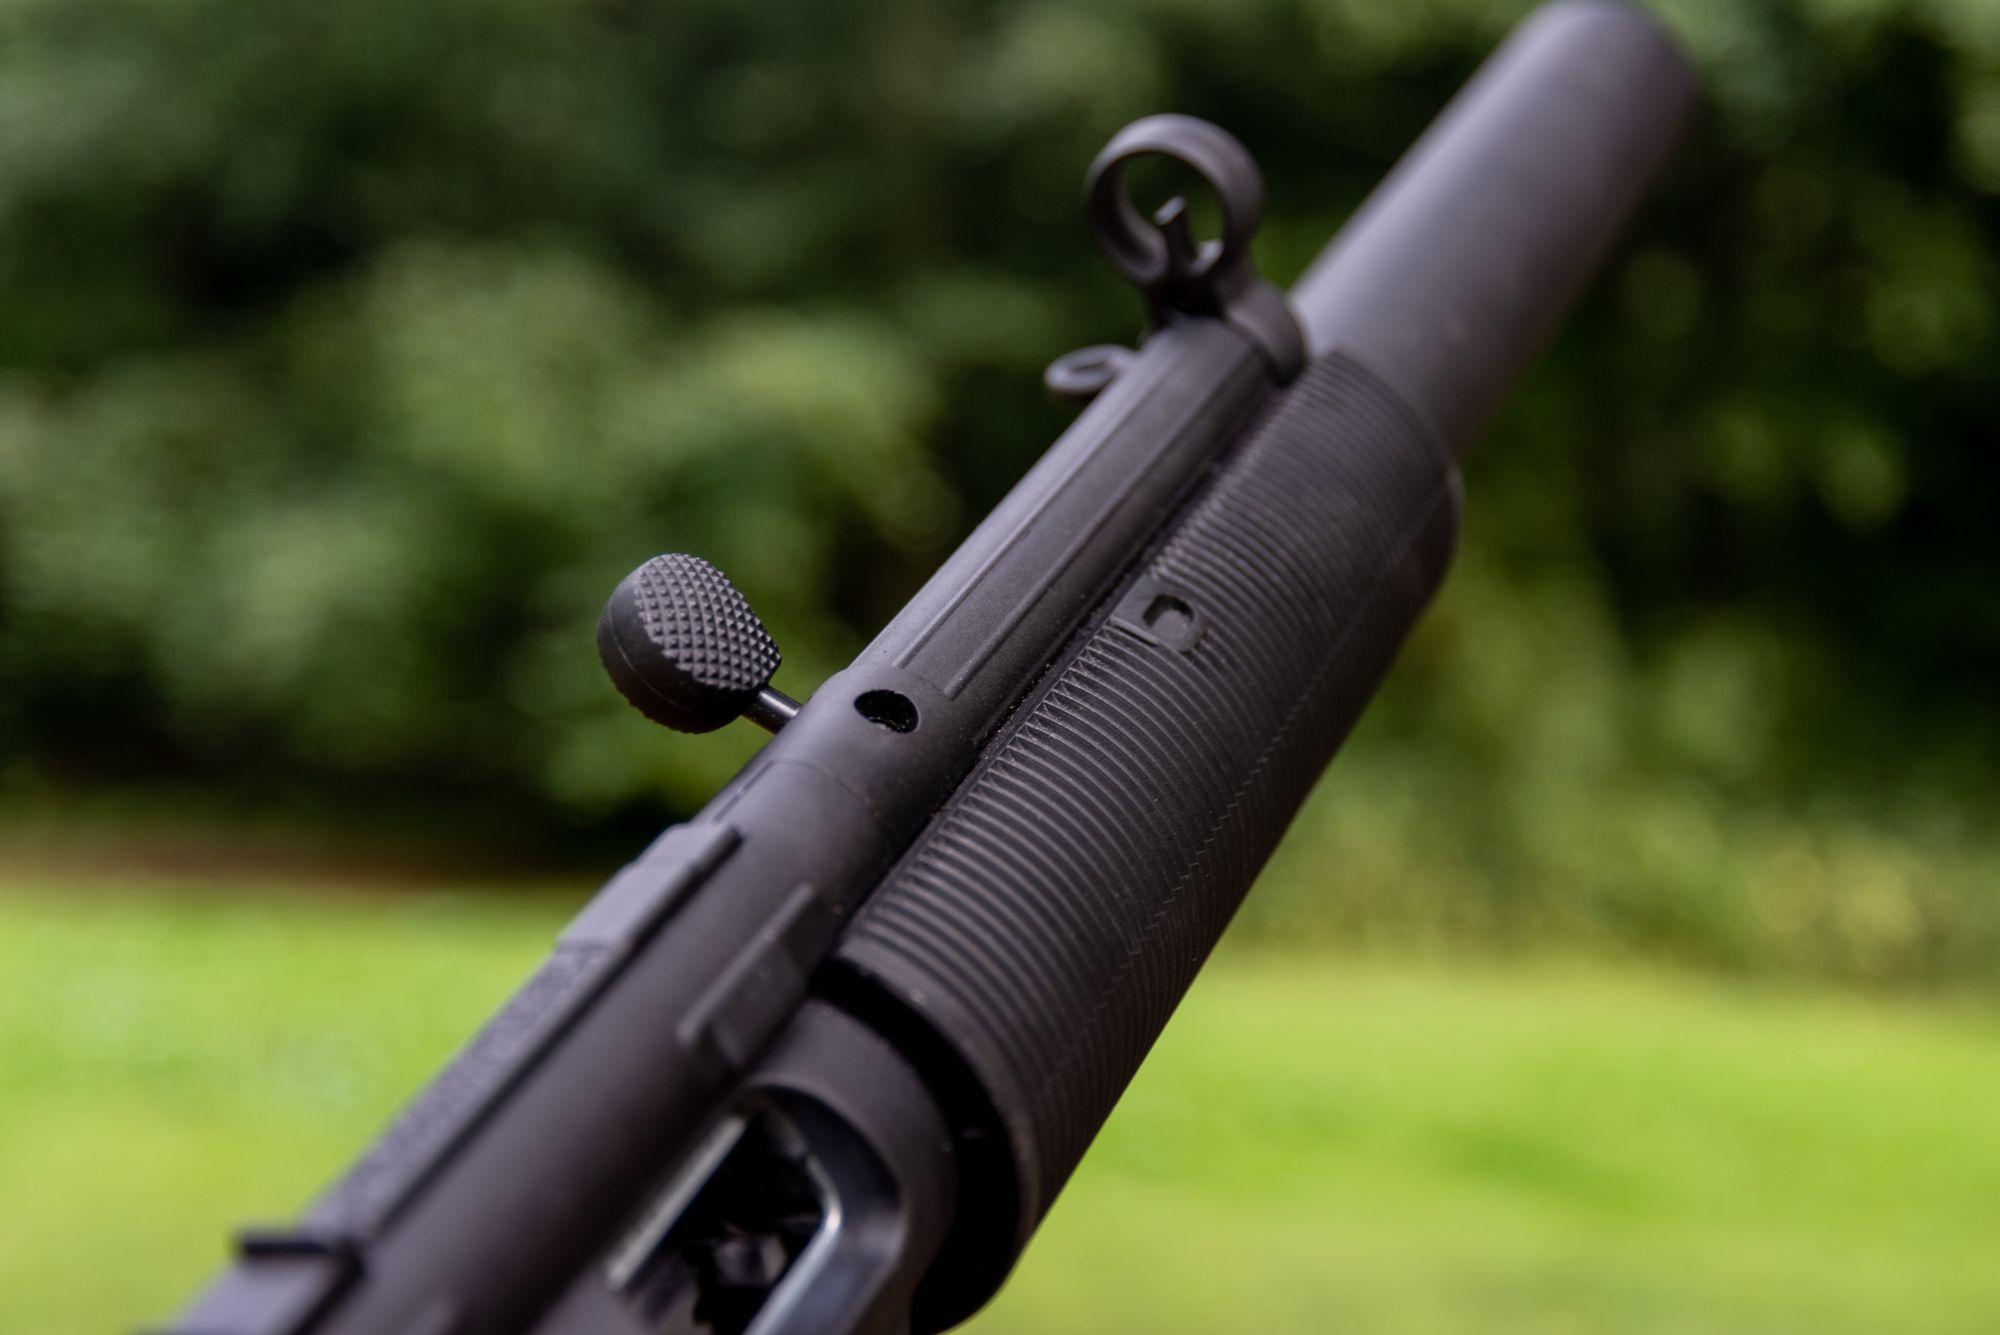 Pin on firearms uk